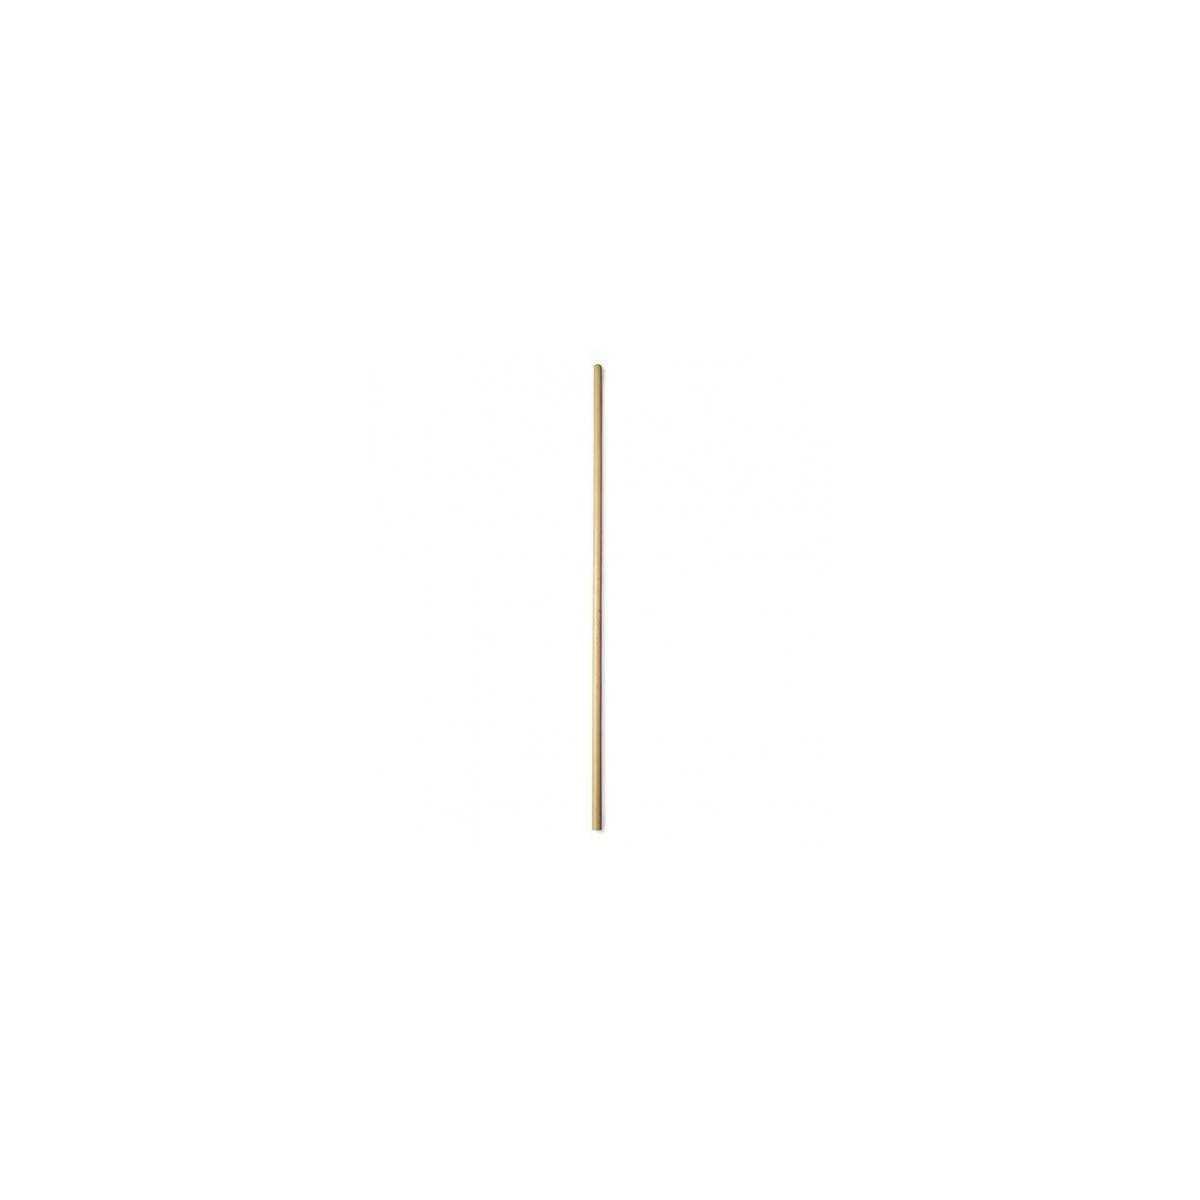 Рукоятка деревянная 140см 1030 TTS